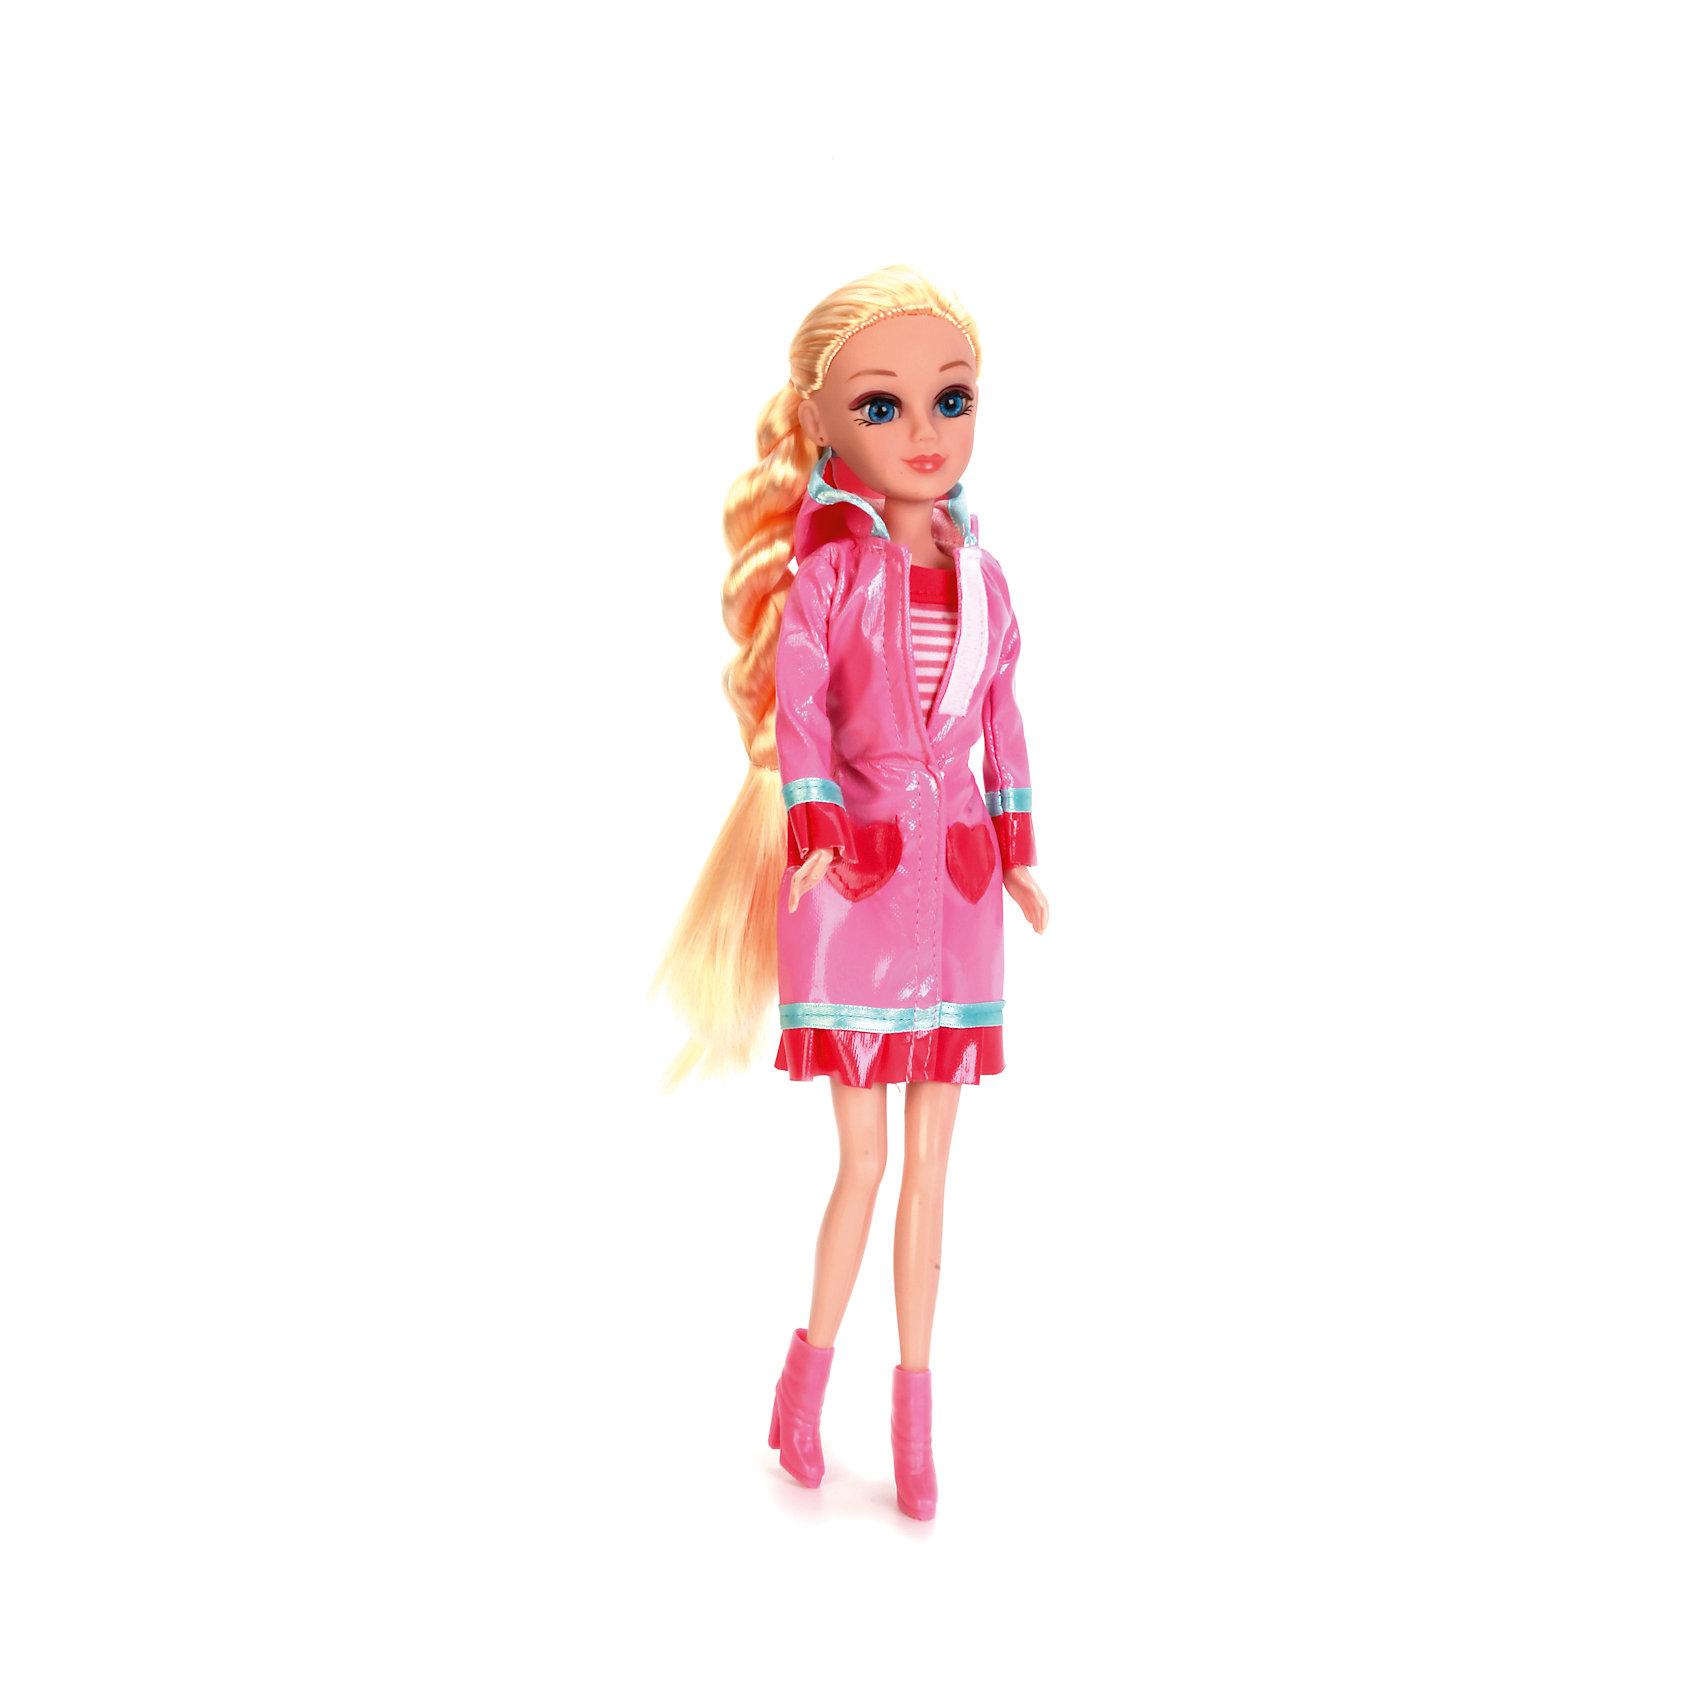 Кукла Мария 29 см Яркая осень, с аксессуарами, КарапузКуклы<br>Кукла Яркая осень Мария одета в стильную одежду сезона осень-весна, обута в розовые сапожки, а также имеет в комплекте несколько модных аксессуаров. Две яркие отличительные особенности этой куклы — шикарные волосы и огромные глаза. Одежду с Марии можно снять, ножки, руки и голова куклы подвижны.<br><br>Ширина мм: 39<br>Глубина мм: 70<br>Высота мм: 47<br>Вес г: 380<br>Возраст от месяцев: 36<br>Возраст до месяцев: 60<br>Пол: Женский<br>Возраст: Детский<br>SKU: 6863986